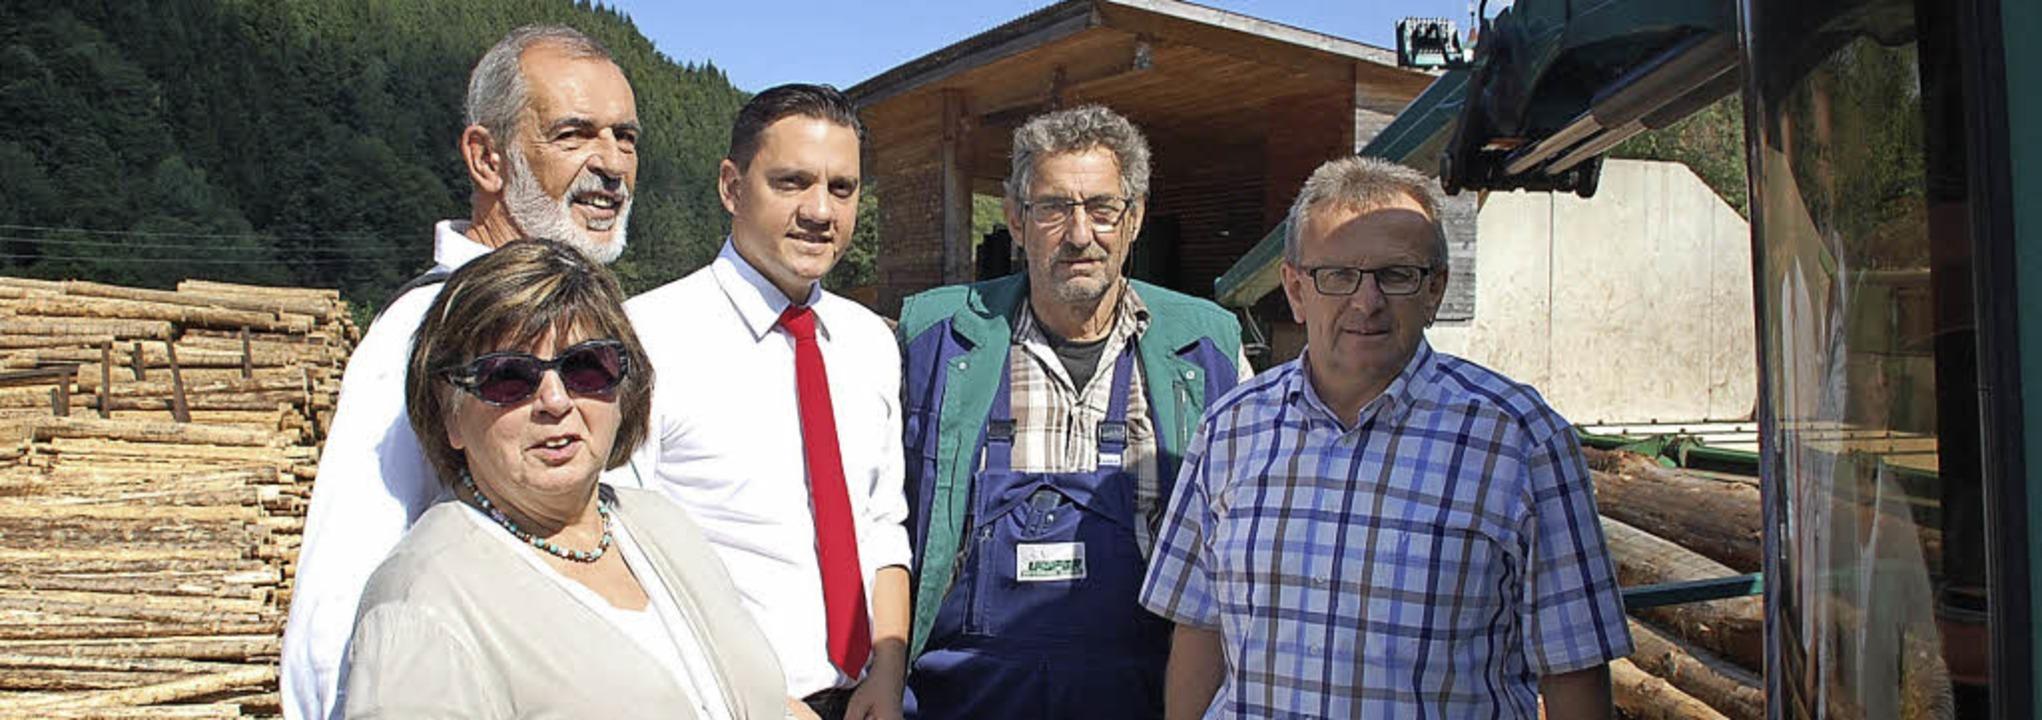 Zu Besuch im Sägewerk Läufer (von link...  Vorsitzender SPD-Ortsverein Elzach.   | Foto: zvg